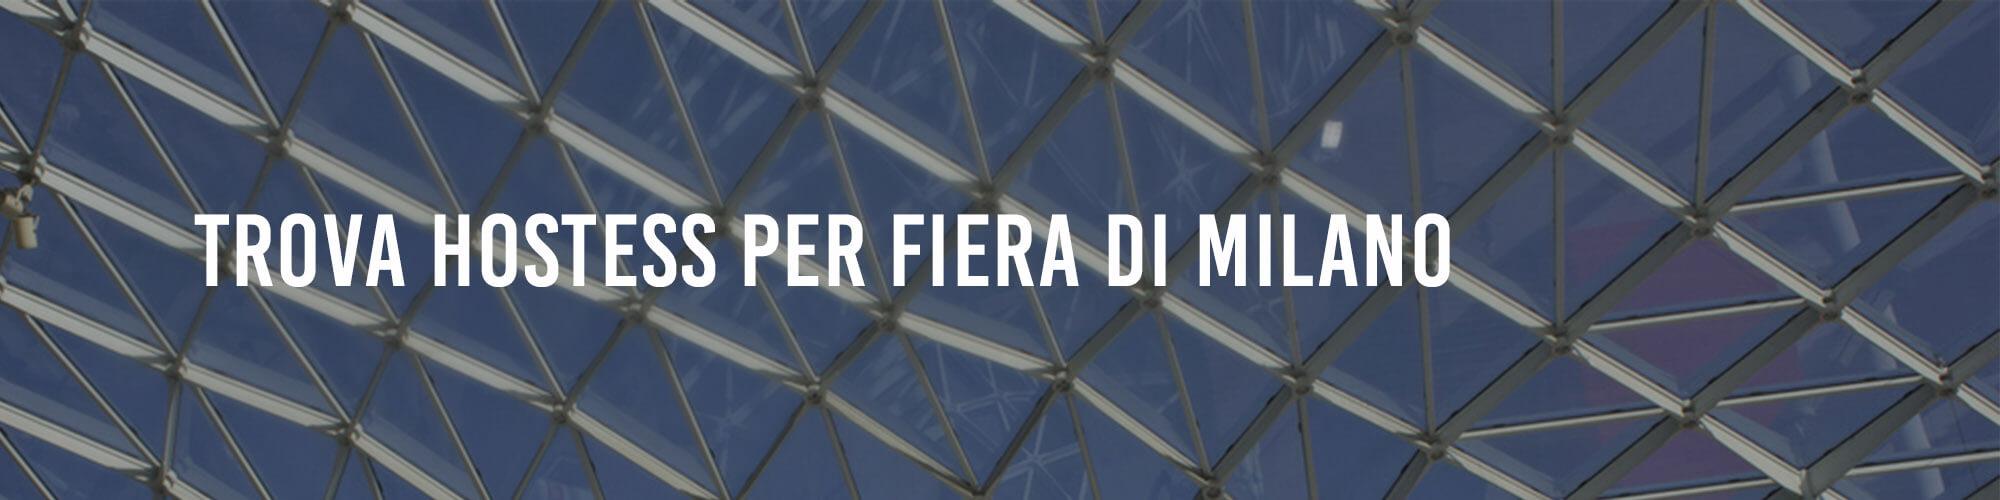 Hostess Fiera Milano